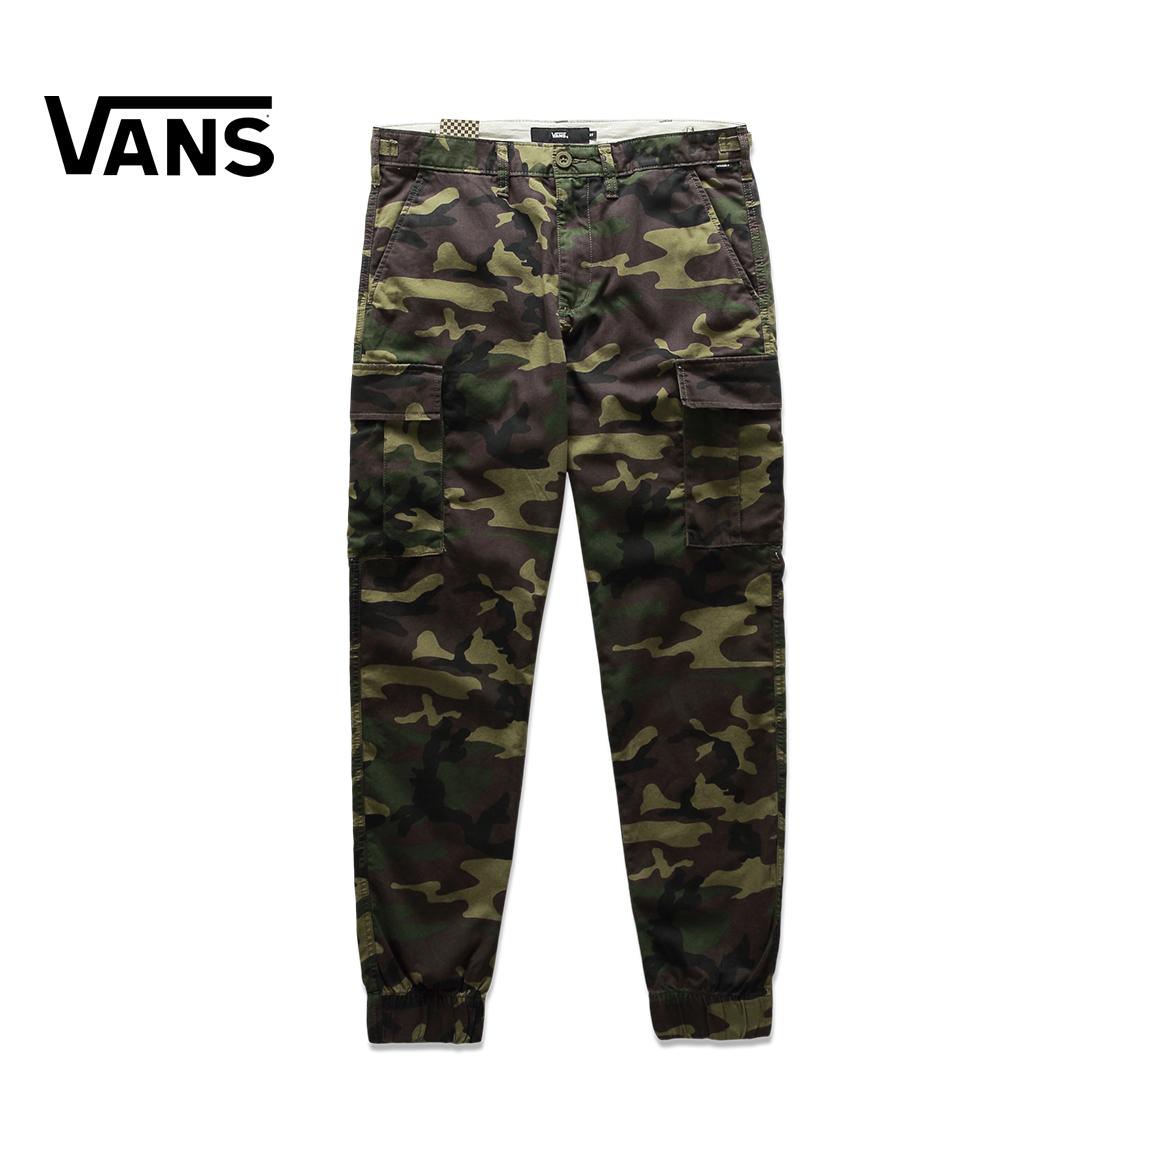 Vans/ модель этот осень камуфляж печать / мужской тканый брюки |VN0A36LNCMA